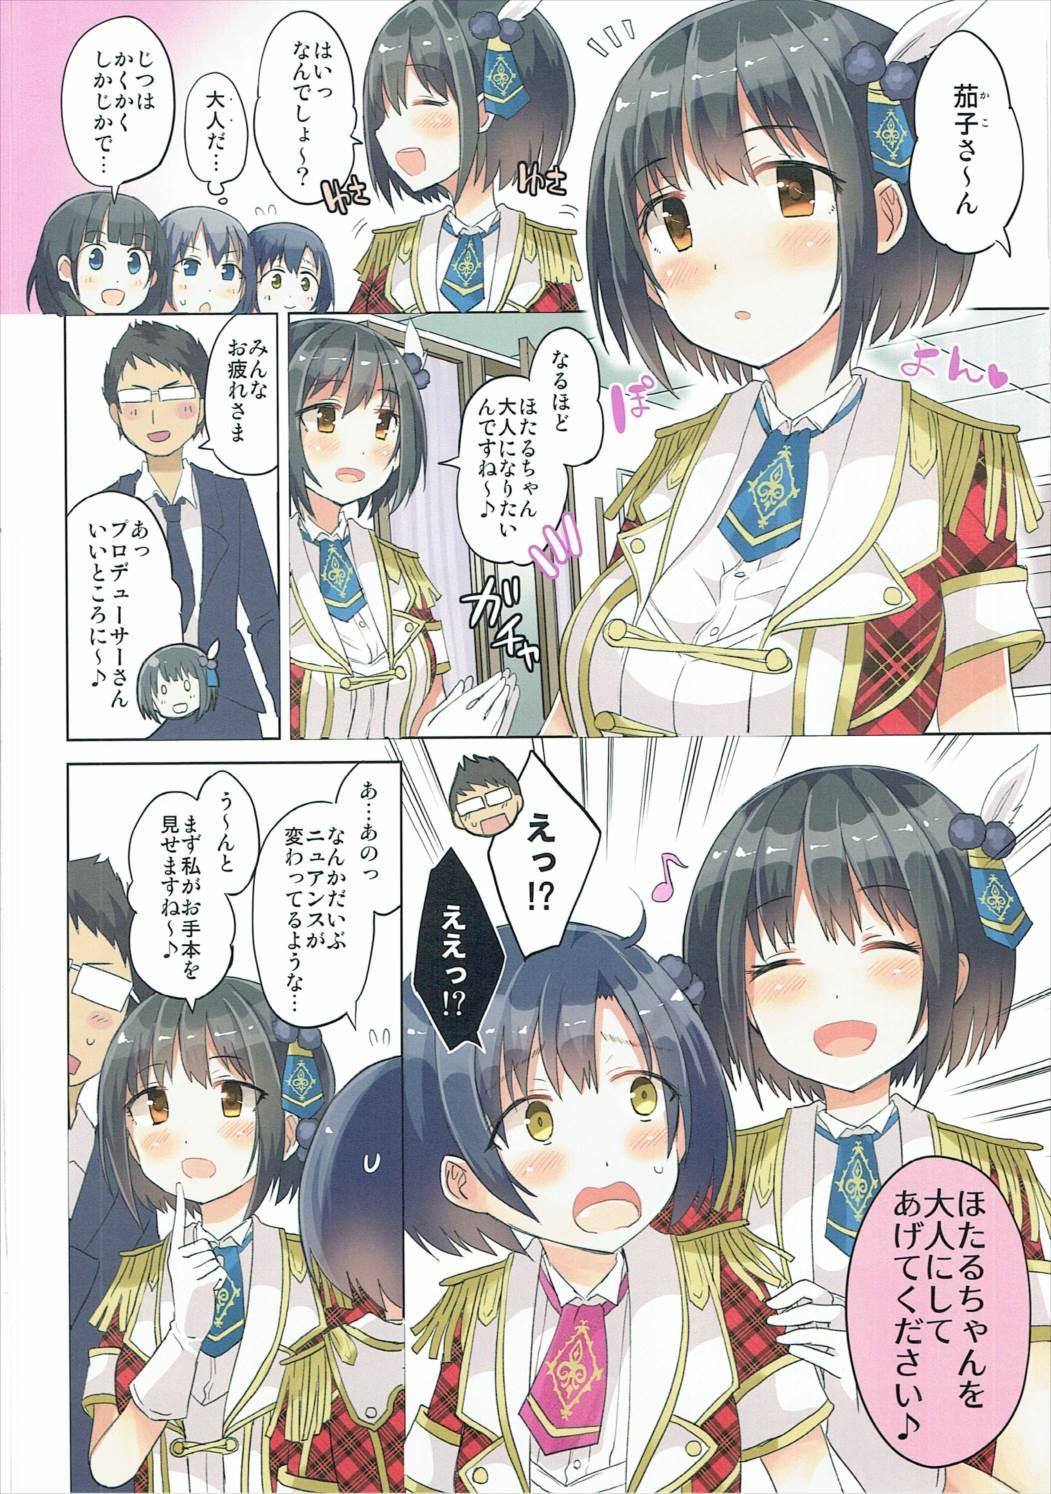 Hotaru-chan o Otona ni Suru Hon 2